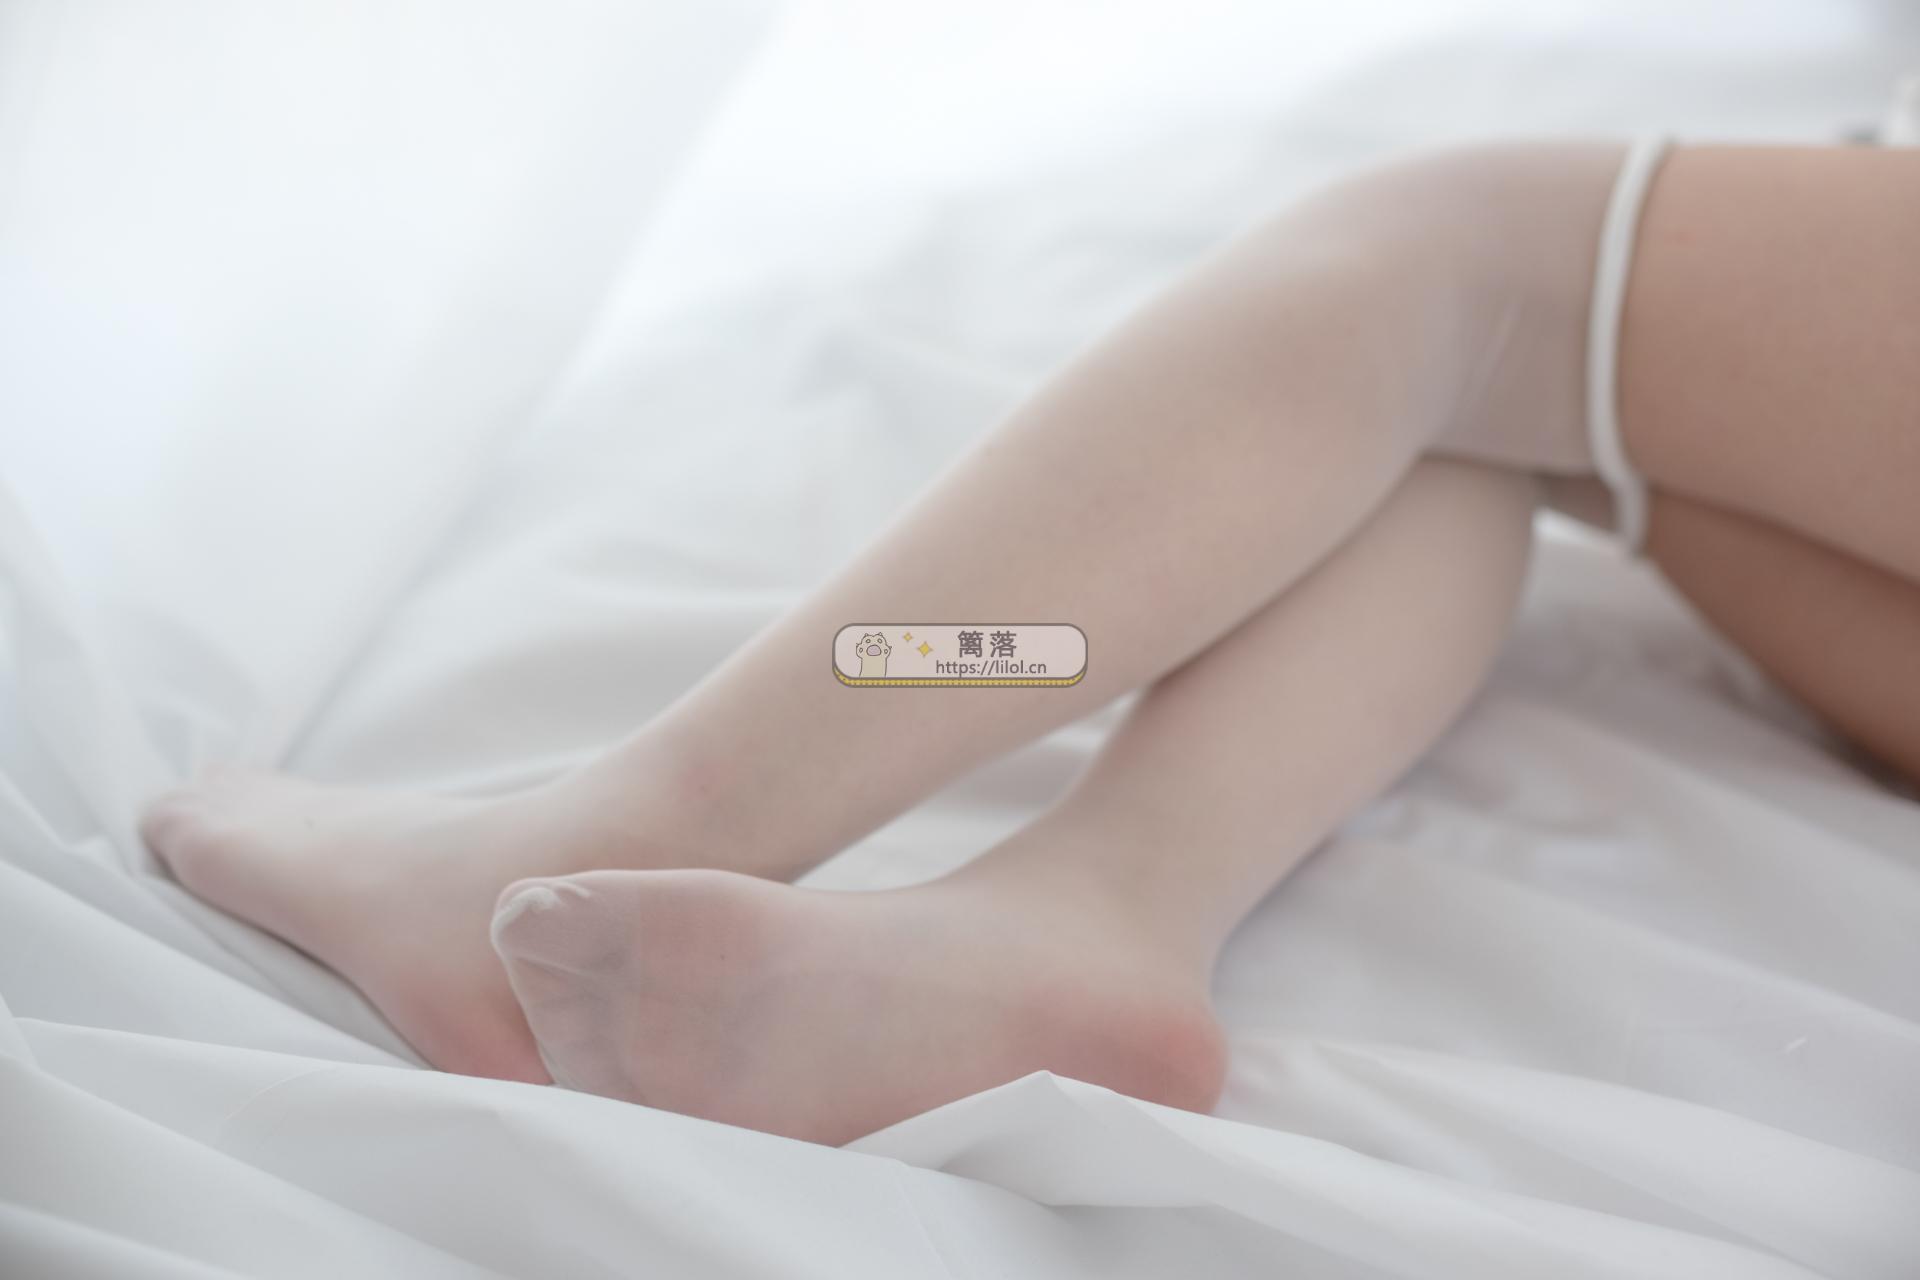 【R15系列】森萝财团写真 R15-046 JK制服超薄白丝裸足黑长直高中生[110图-0视频-466MB] R15系列 第2张